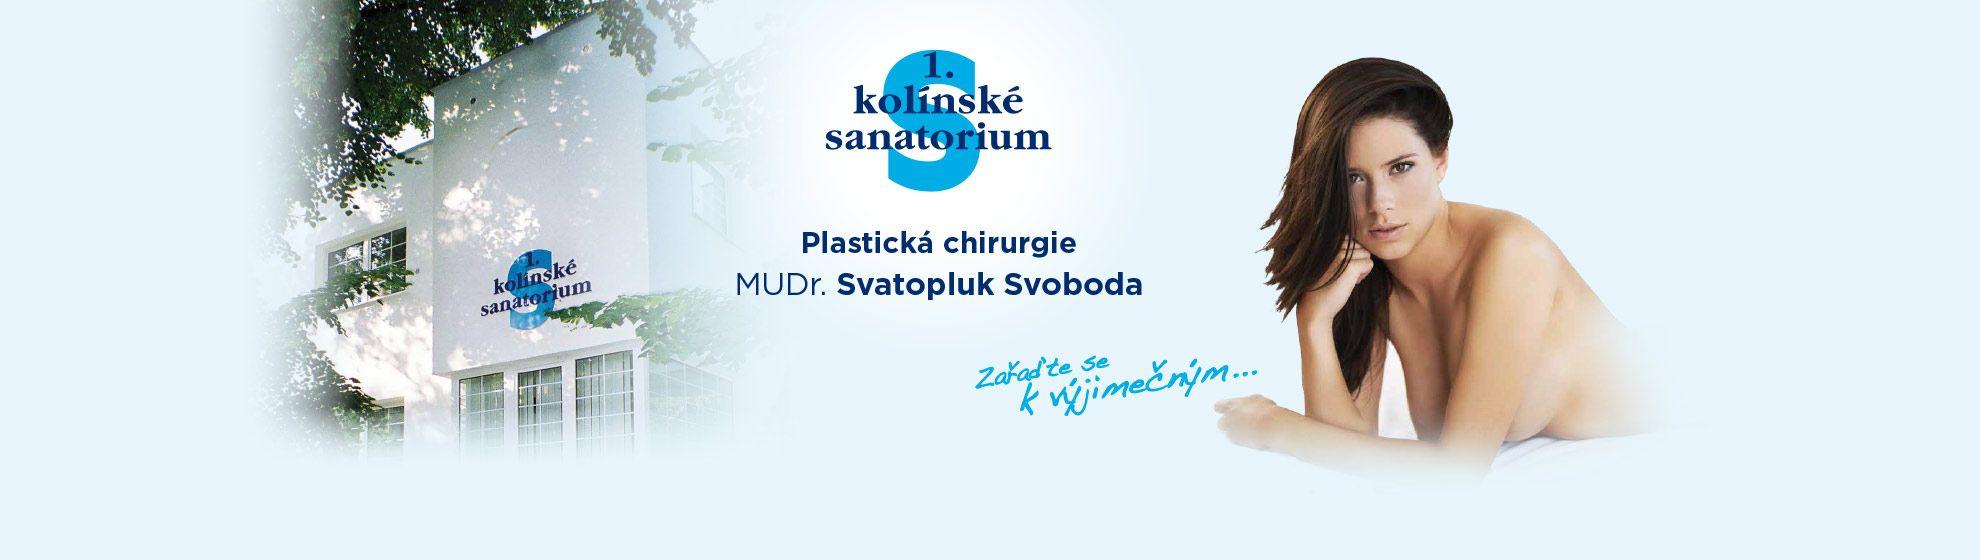 MUDr. Svatopluk Svoboda